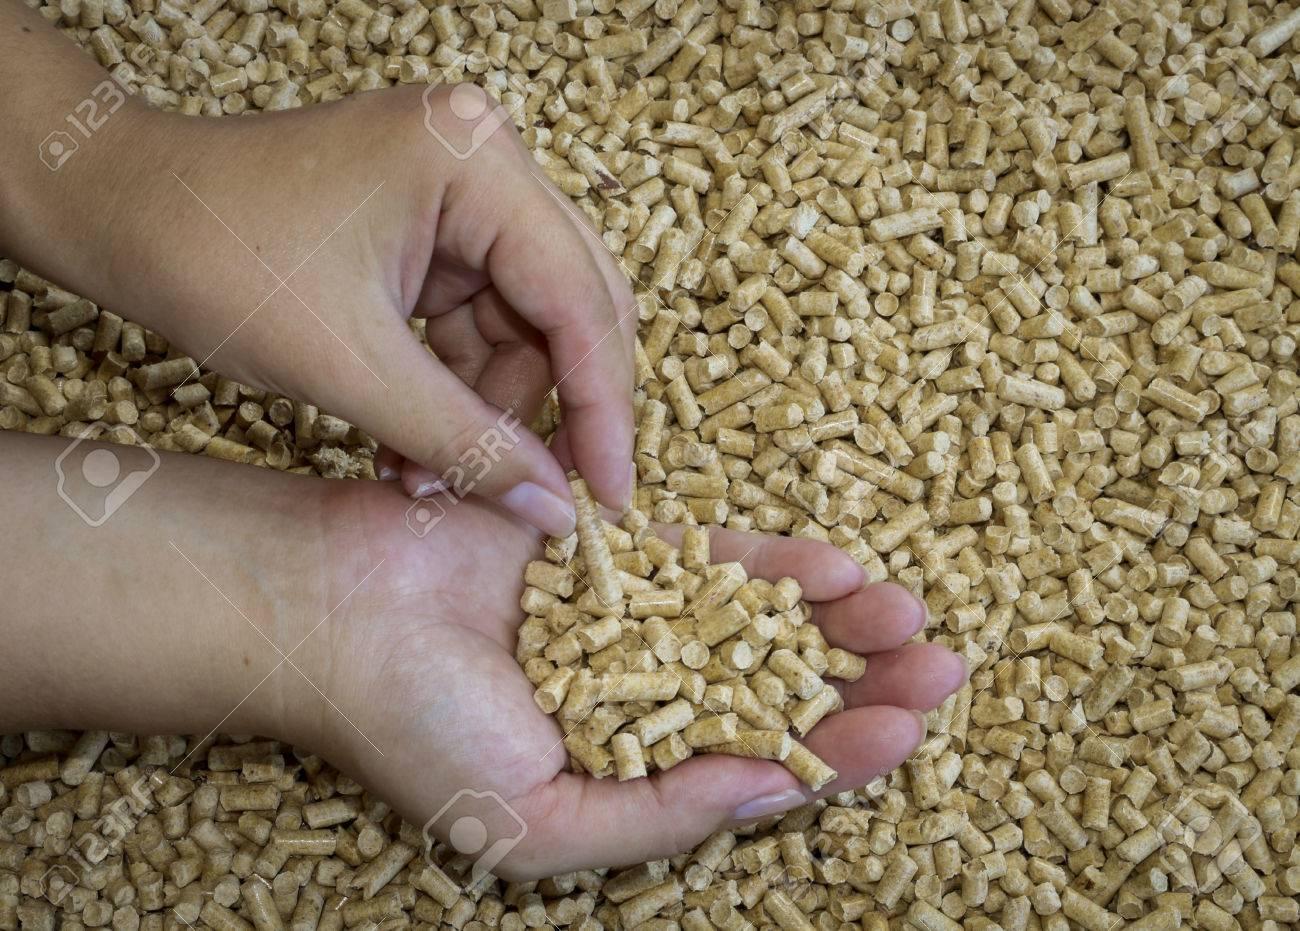 Holzpellets In Den Weiblichen Händen .Biofuels, Ein Alternativer ...